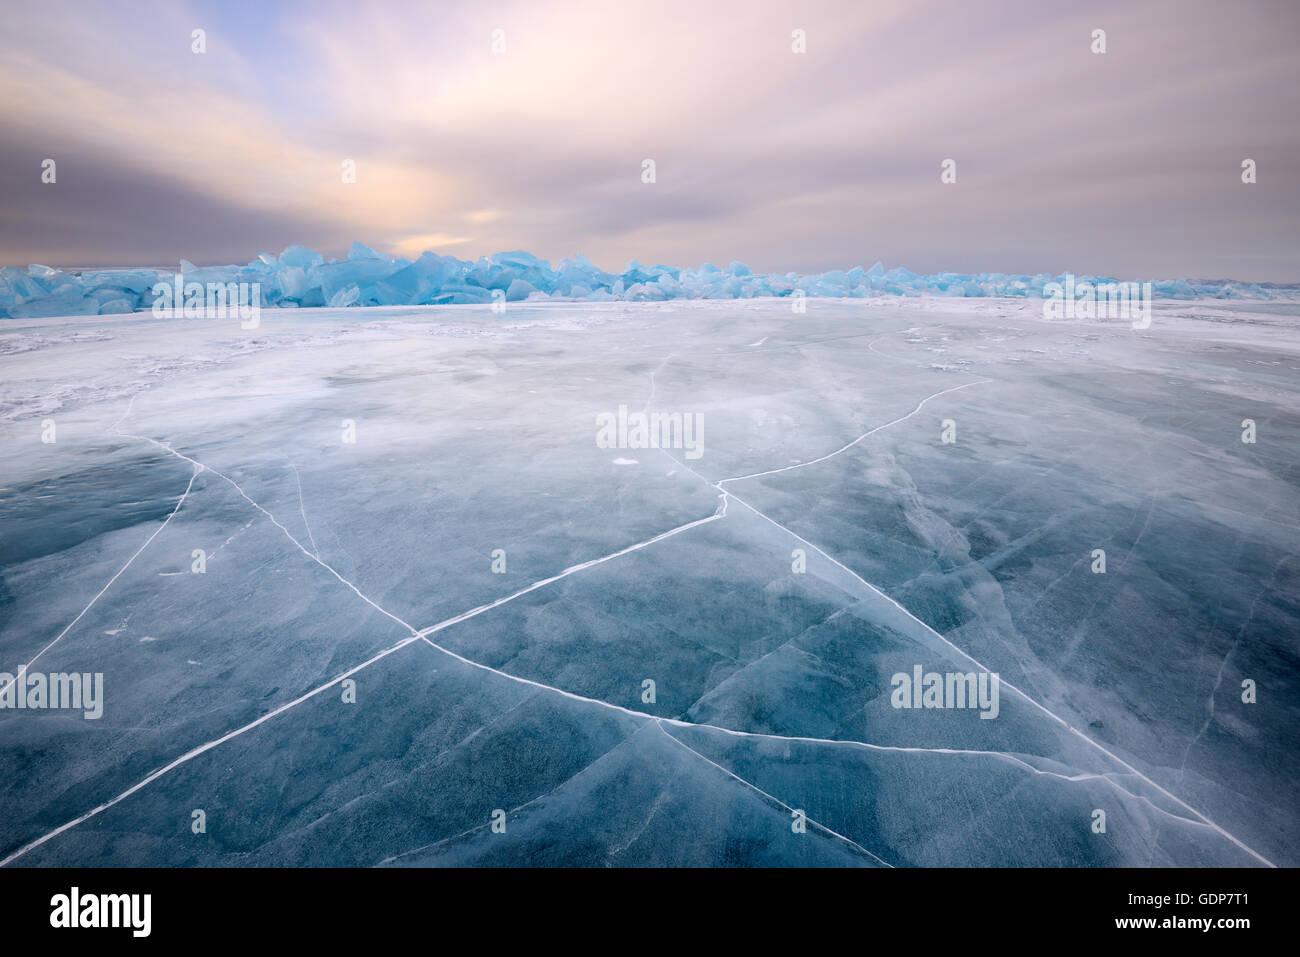 Rotto il ghiaccio modellato, Lago Baikal, isola di Olkhon, Siberia, Russia Immagini Stock